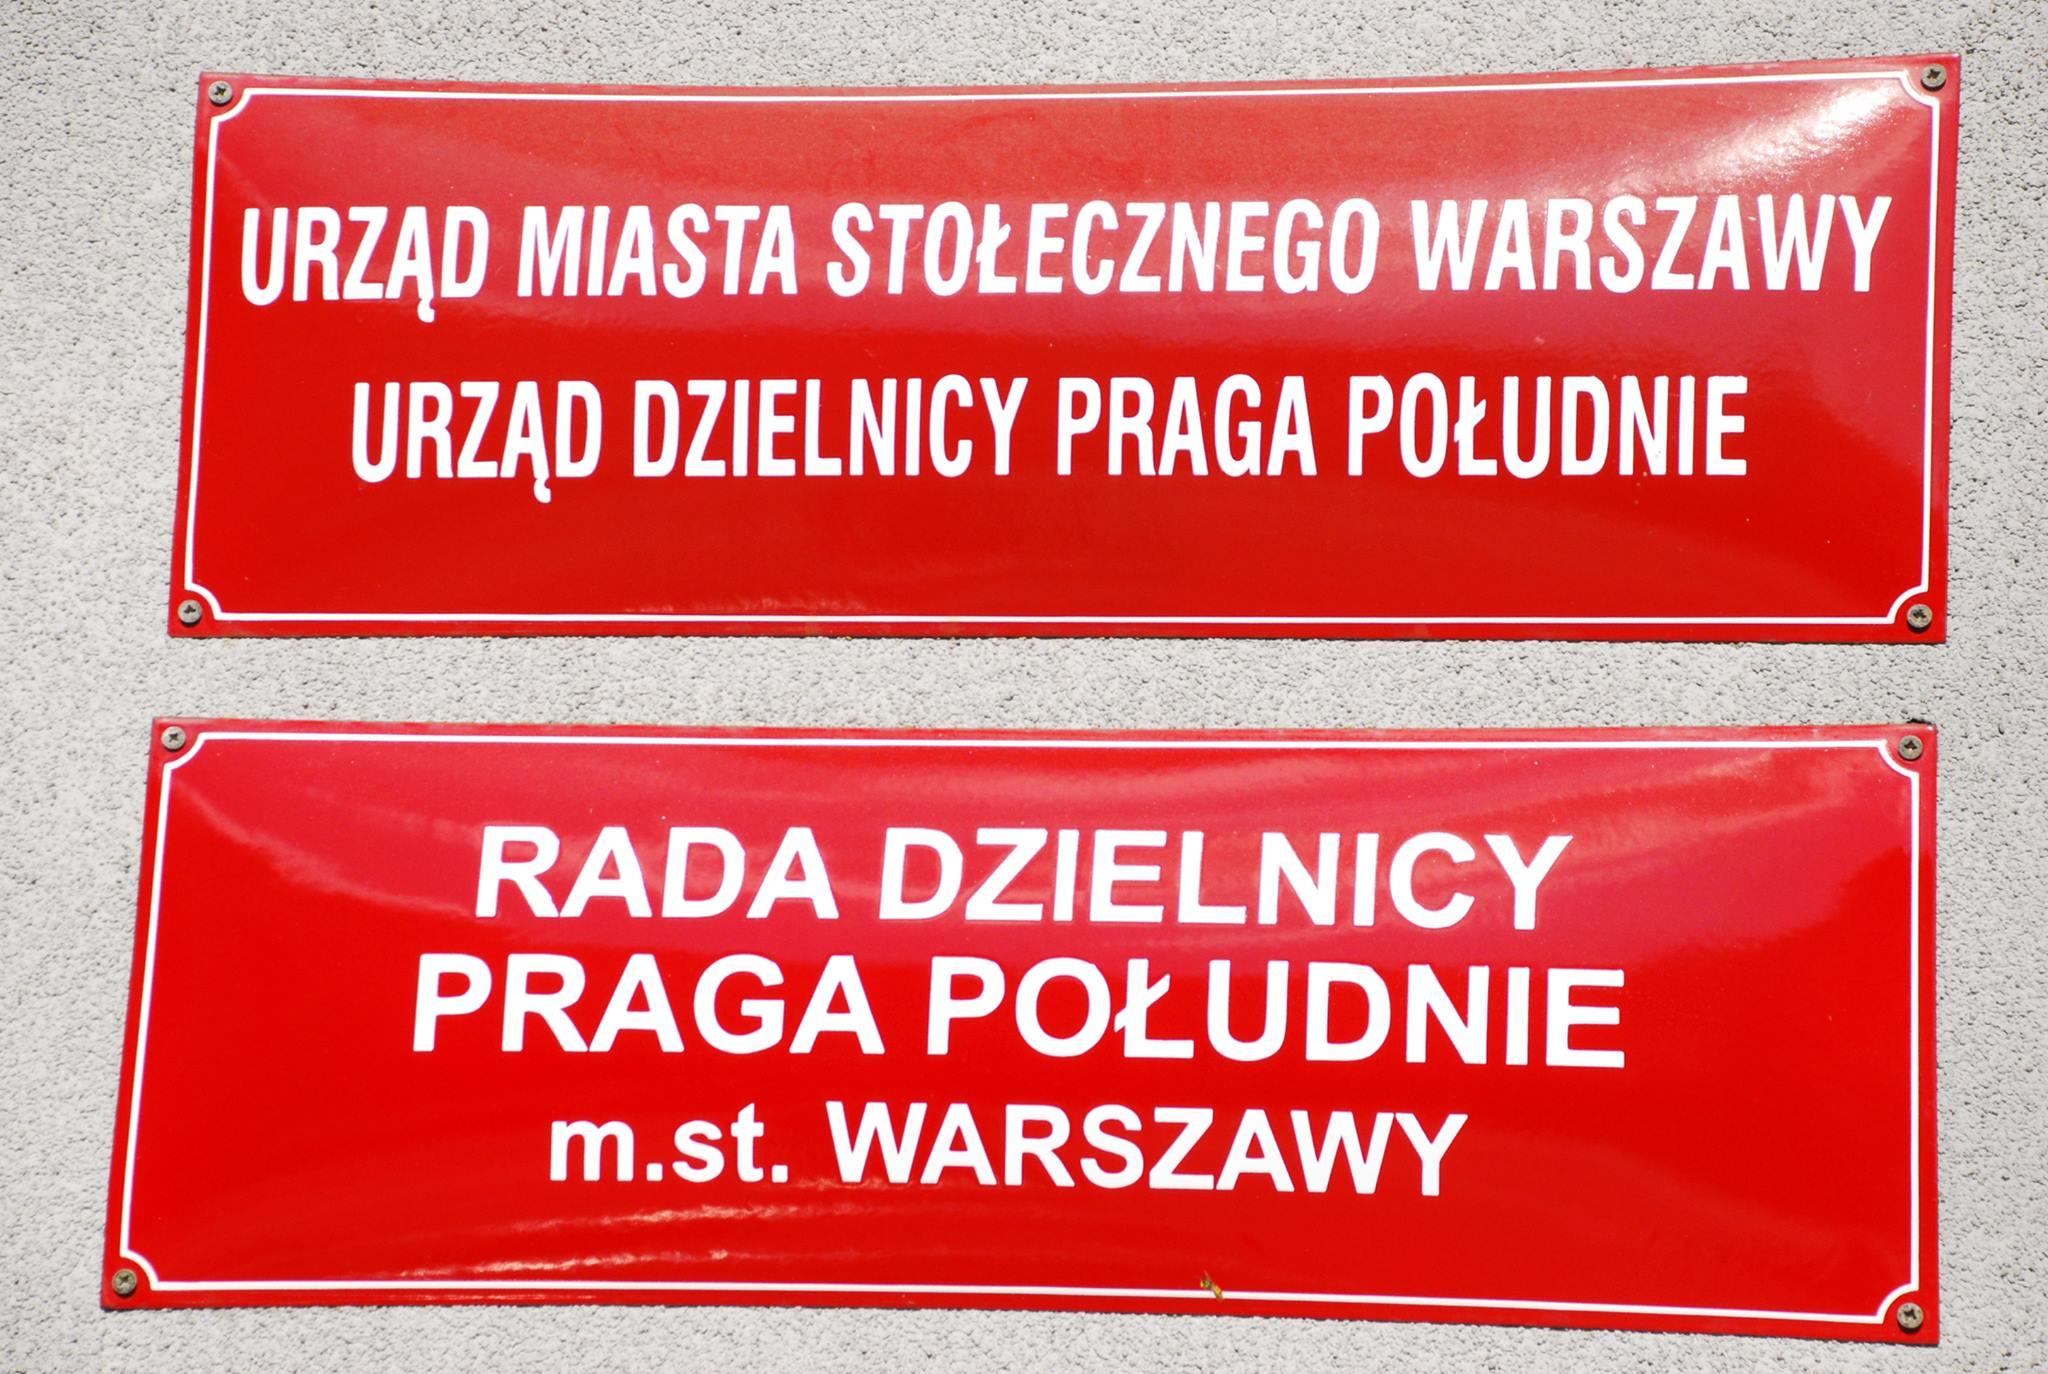 2015-04-28: spotkanie dot. problemów komunikacyjnych i strefy płatnego parkowania na Saskiej Kępie